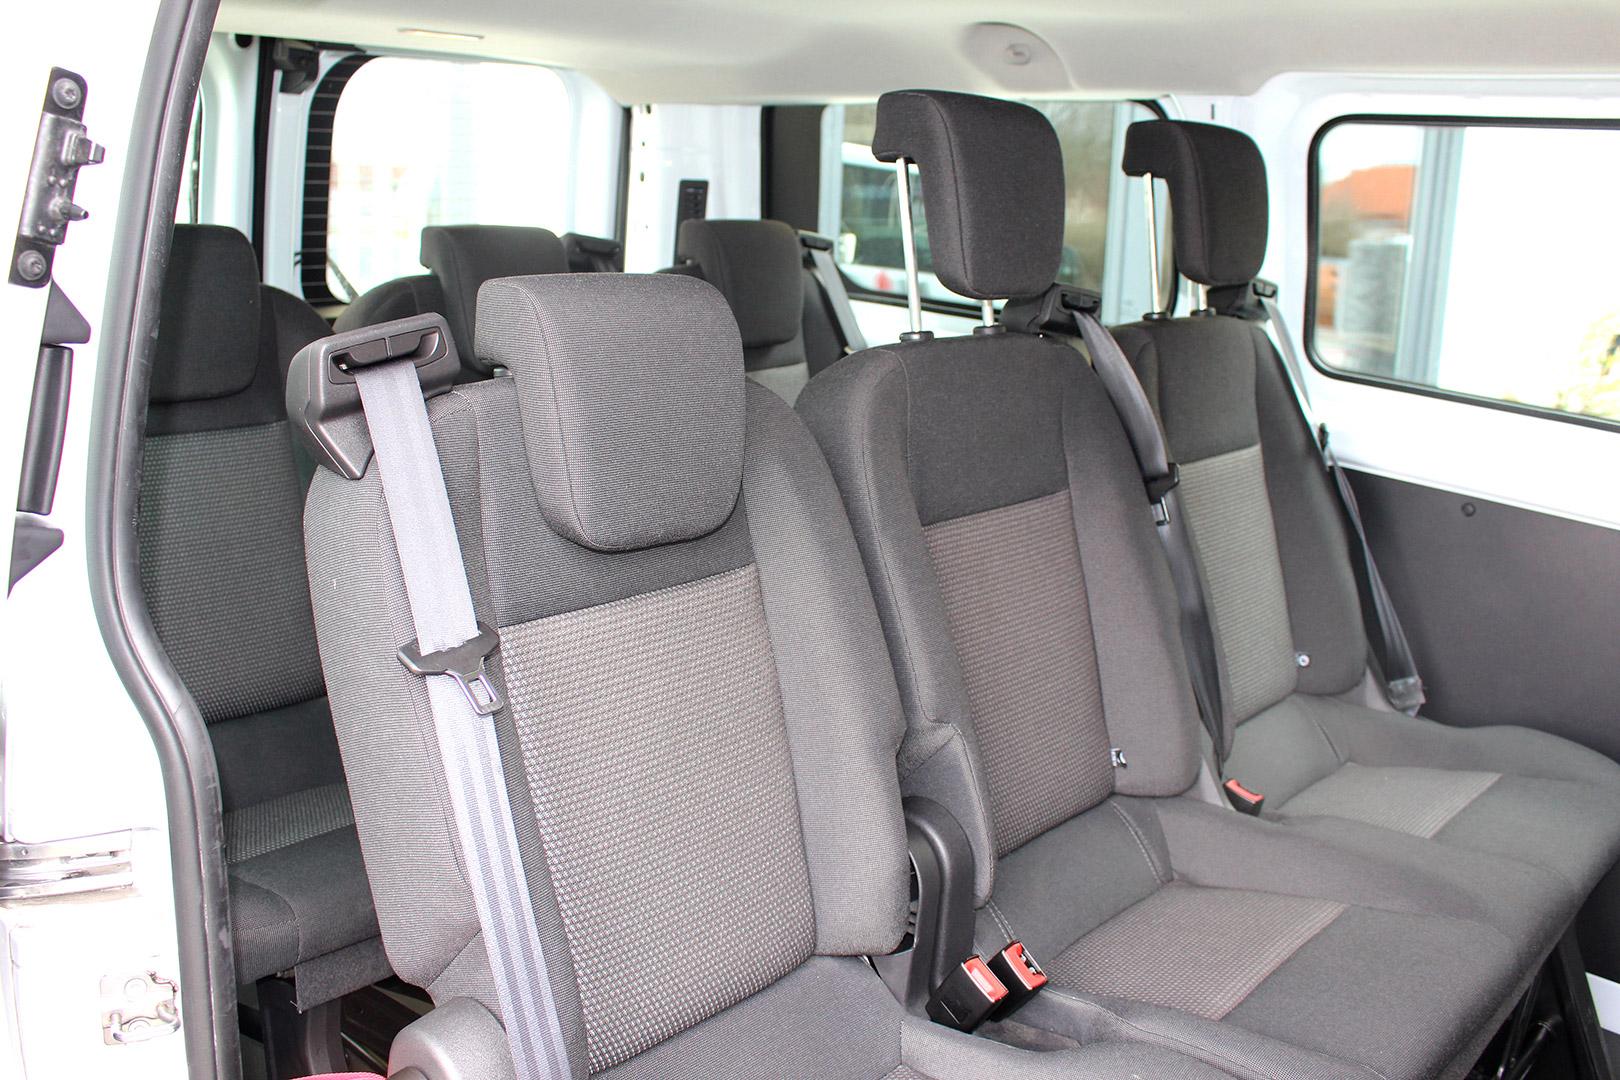 Vermietung_Kaufbeuren_Ford-9-Sitzer-004